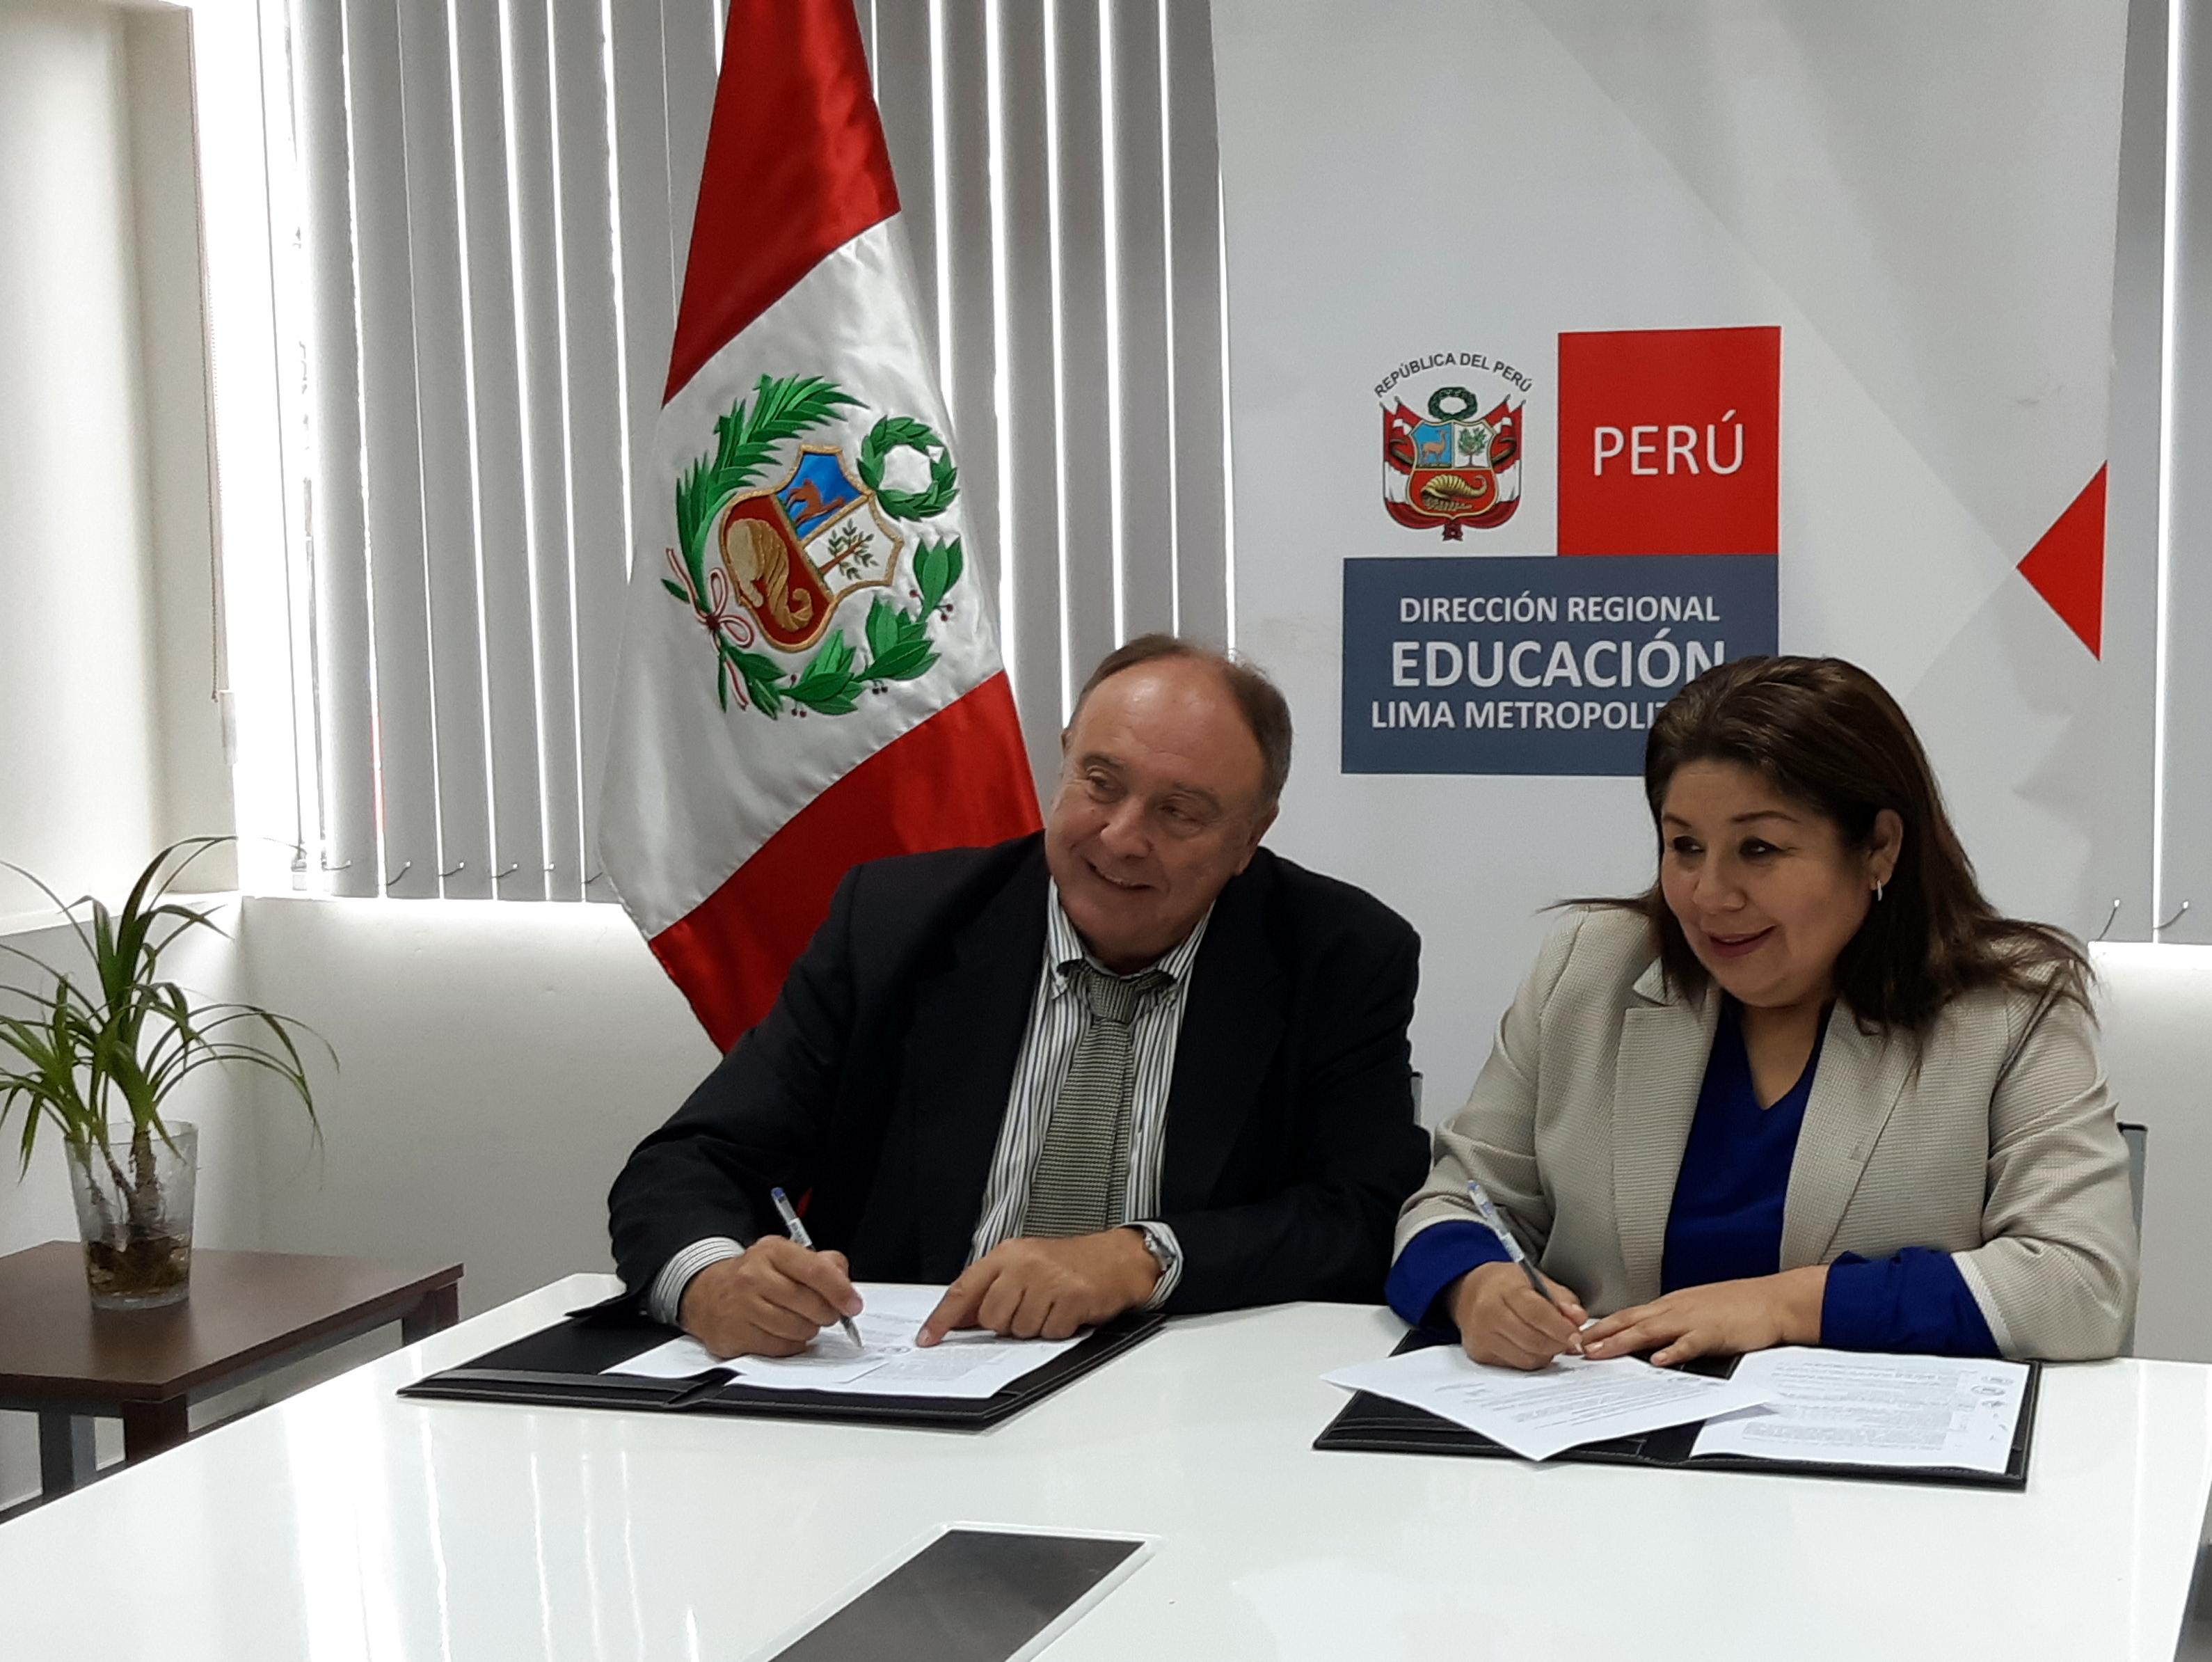 Virtual Educa firma convenio con la Dirección Regional de Educación de Lima Metropolitana